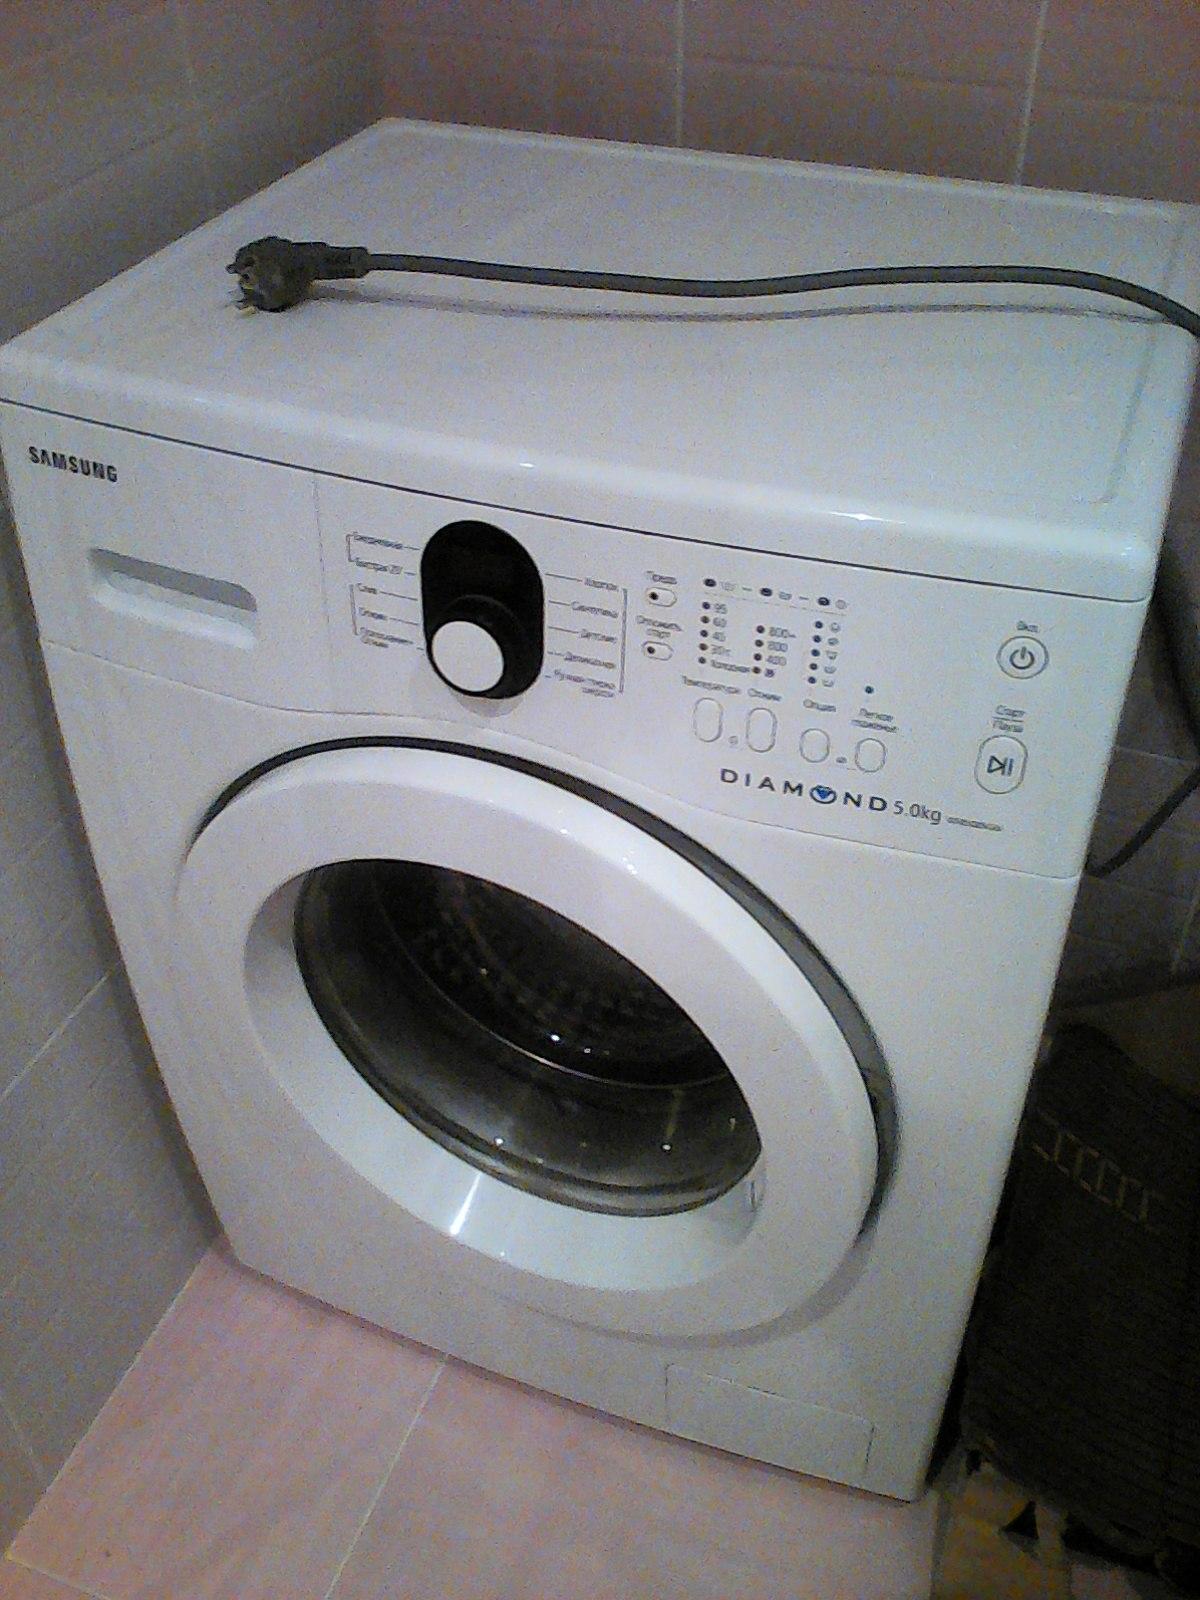 Автоматическая стиральная машина Samsung WF 8508 NGW Diamond